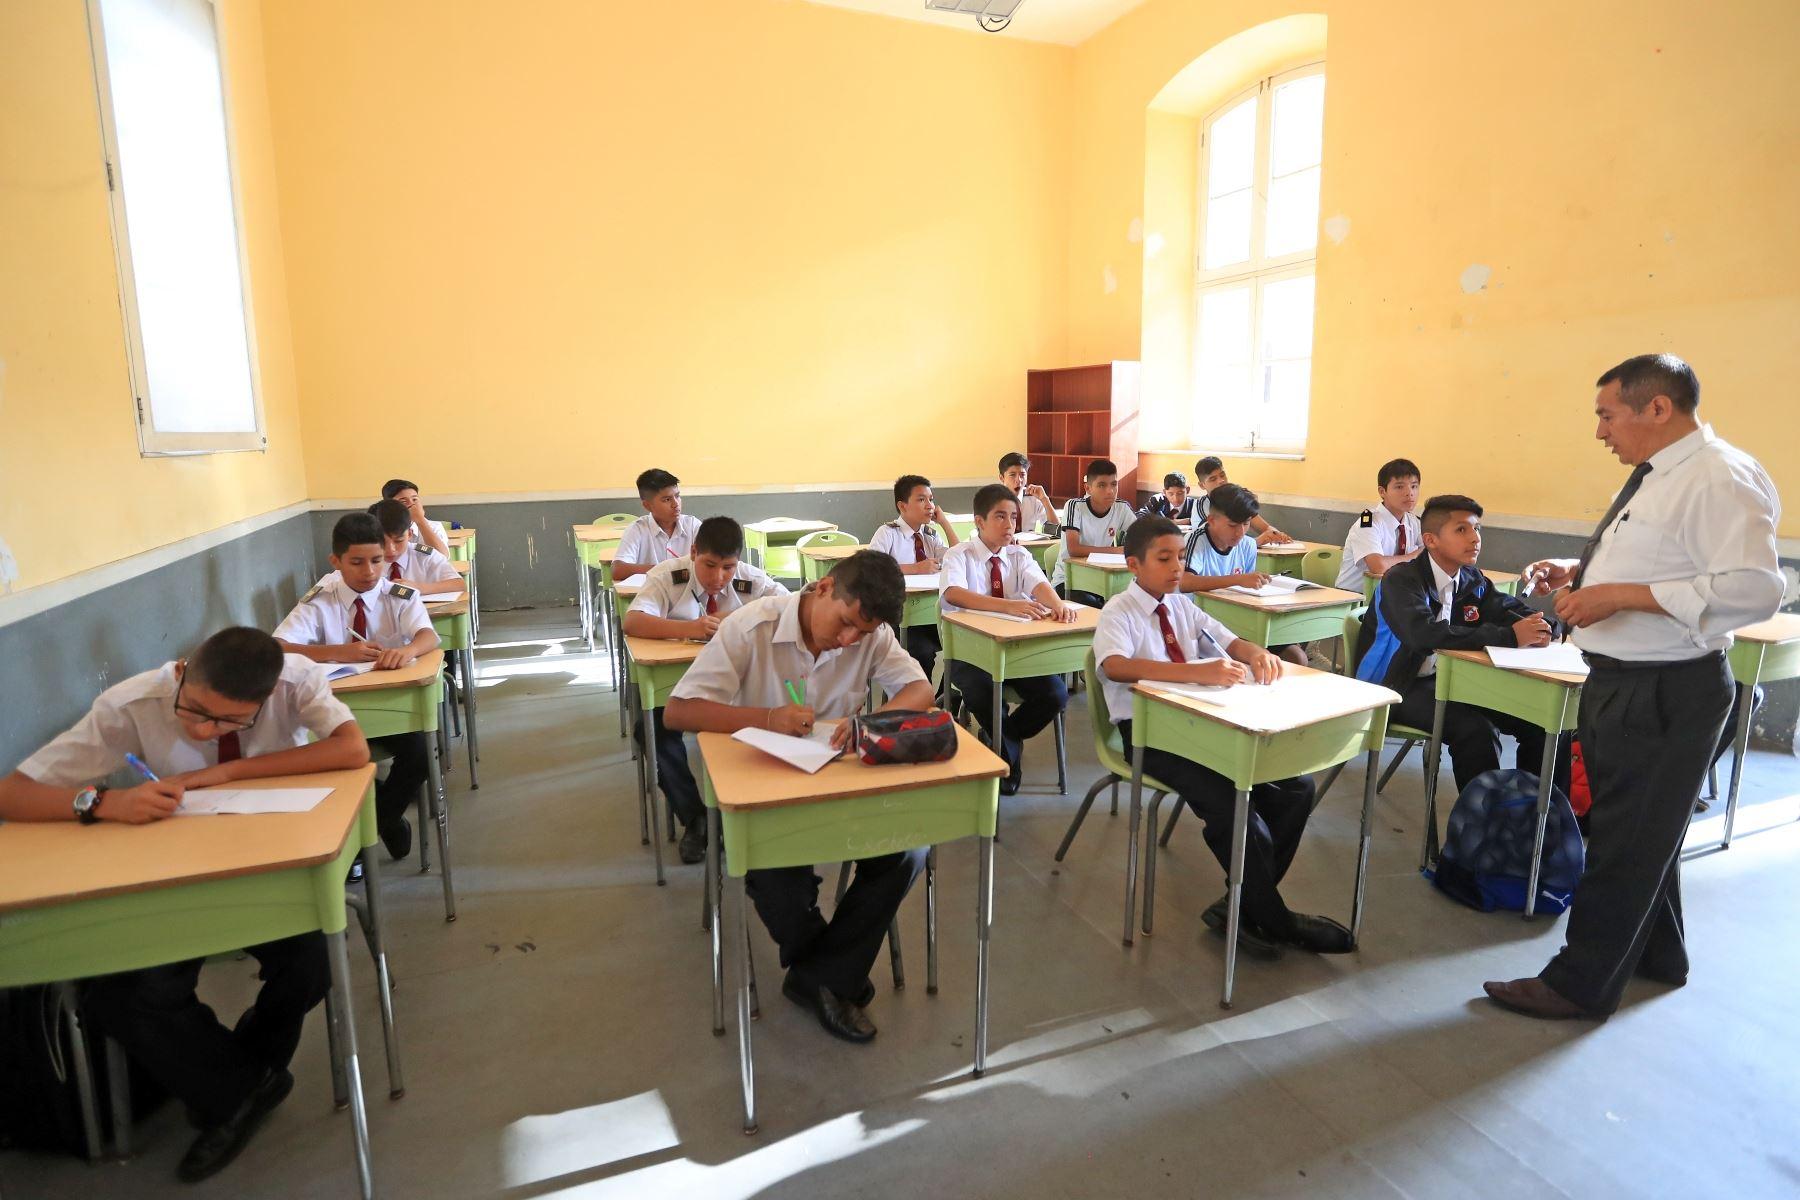 PISA: Perú sigue mostrando mayor crecimiento histórico en matemática, ciencia y lectura. Foto: ANDINA/Difusión.